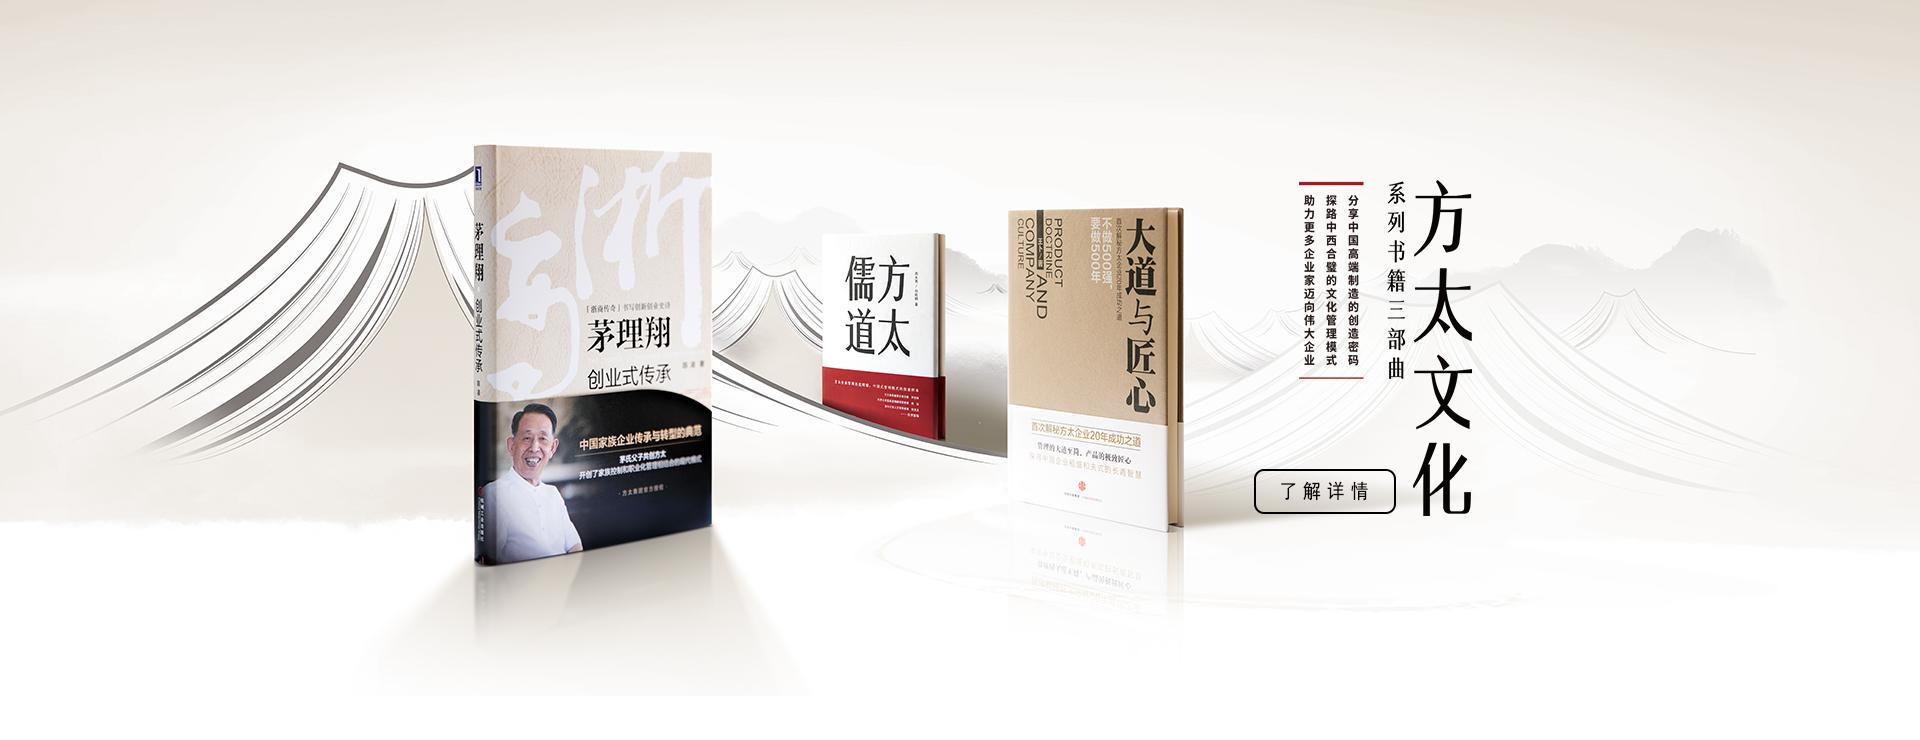 方太文化 | 系列书籍三部曲